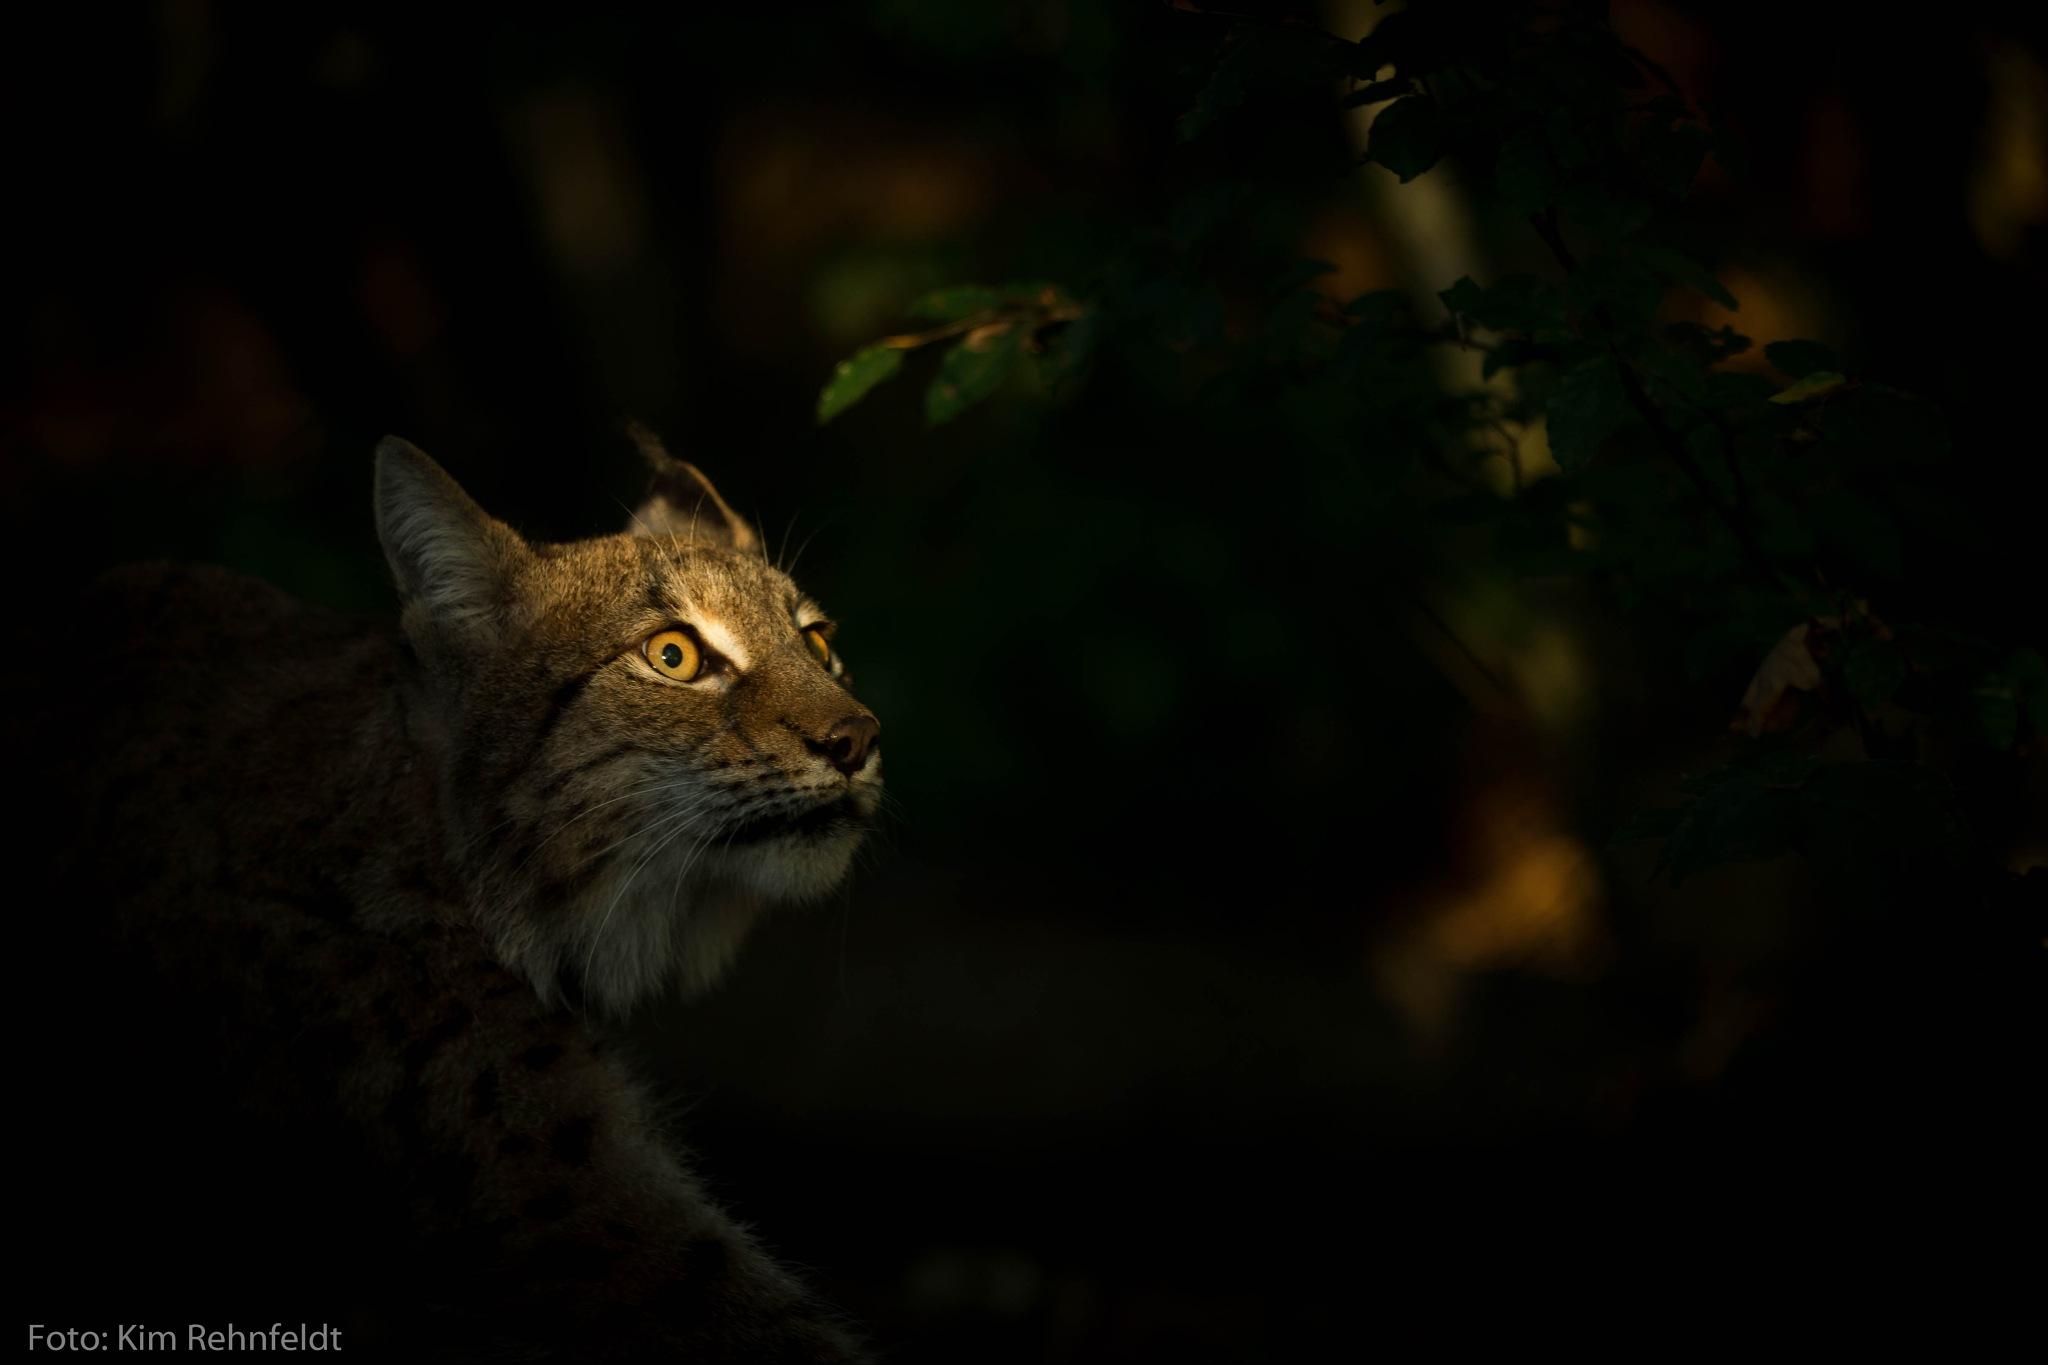 Lynx 4 by Kim Rehnfeldt